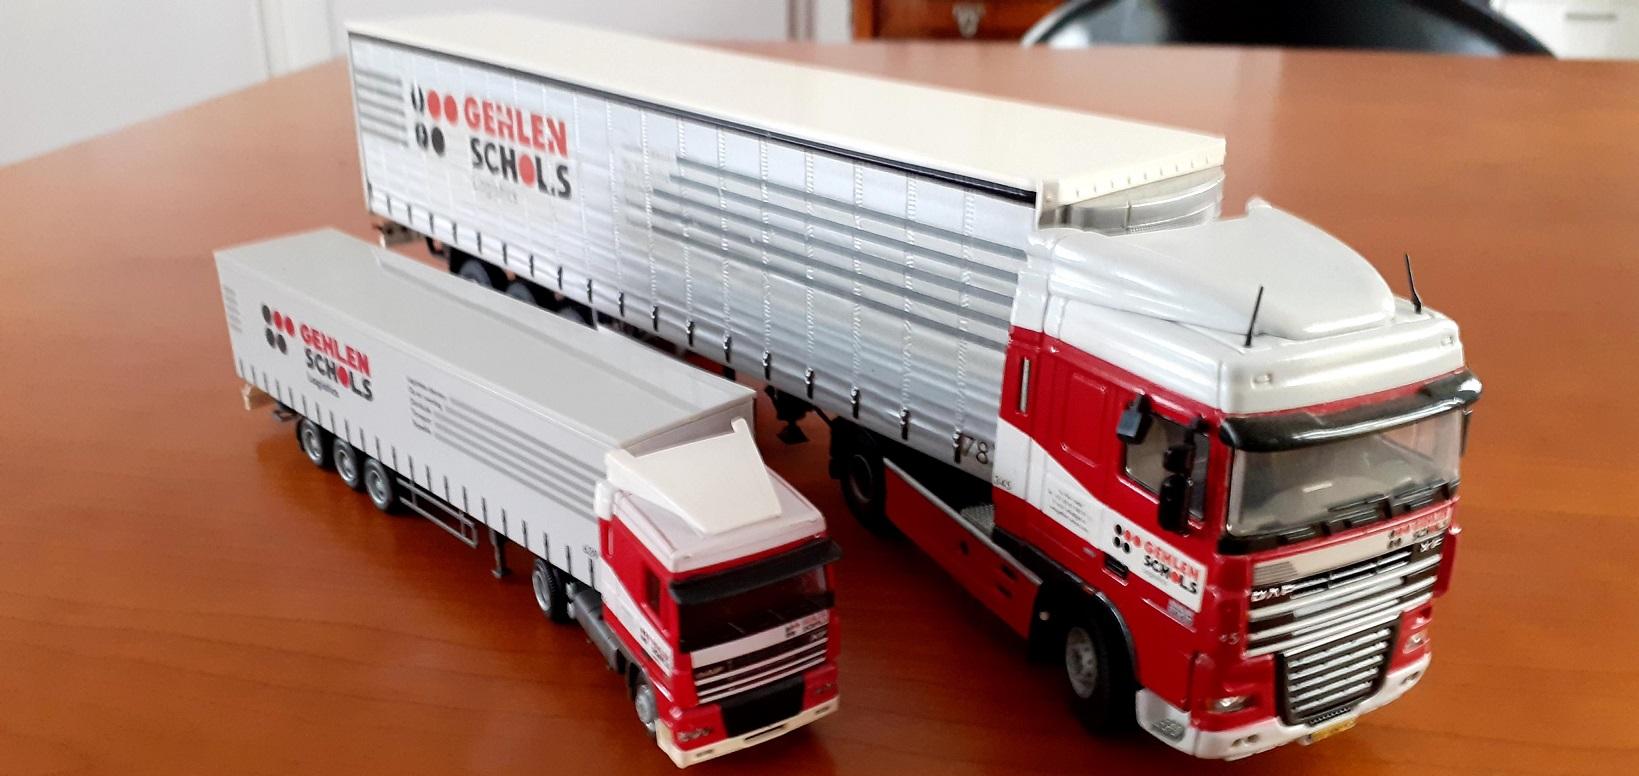 Ghelen-Schols-Xavier-Walstock-berwerkte-delen-modellen-(28)